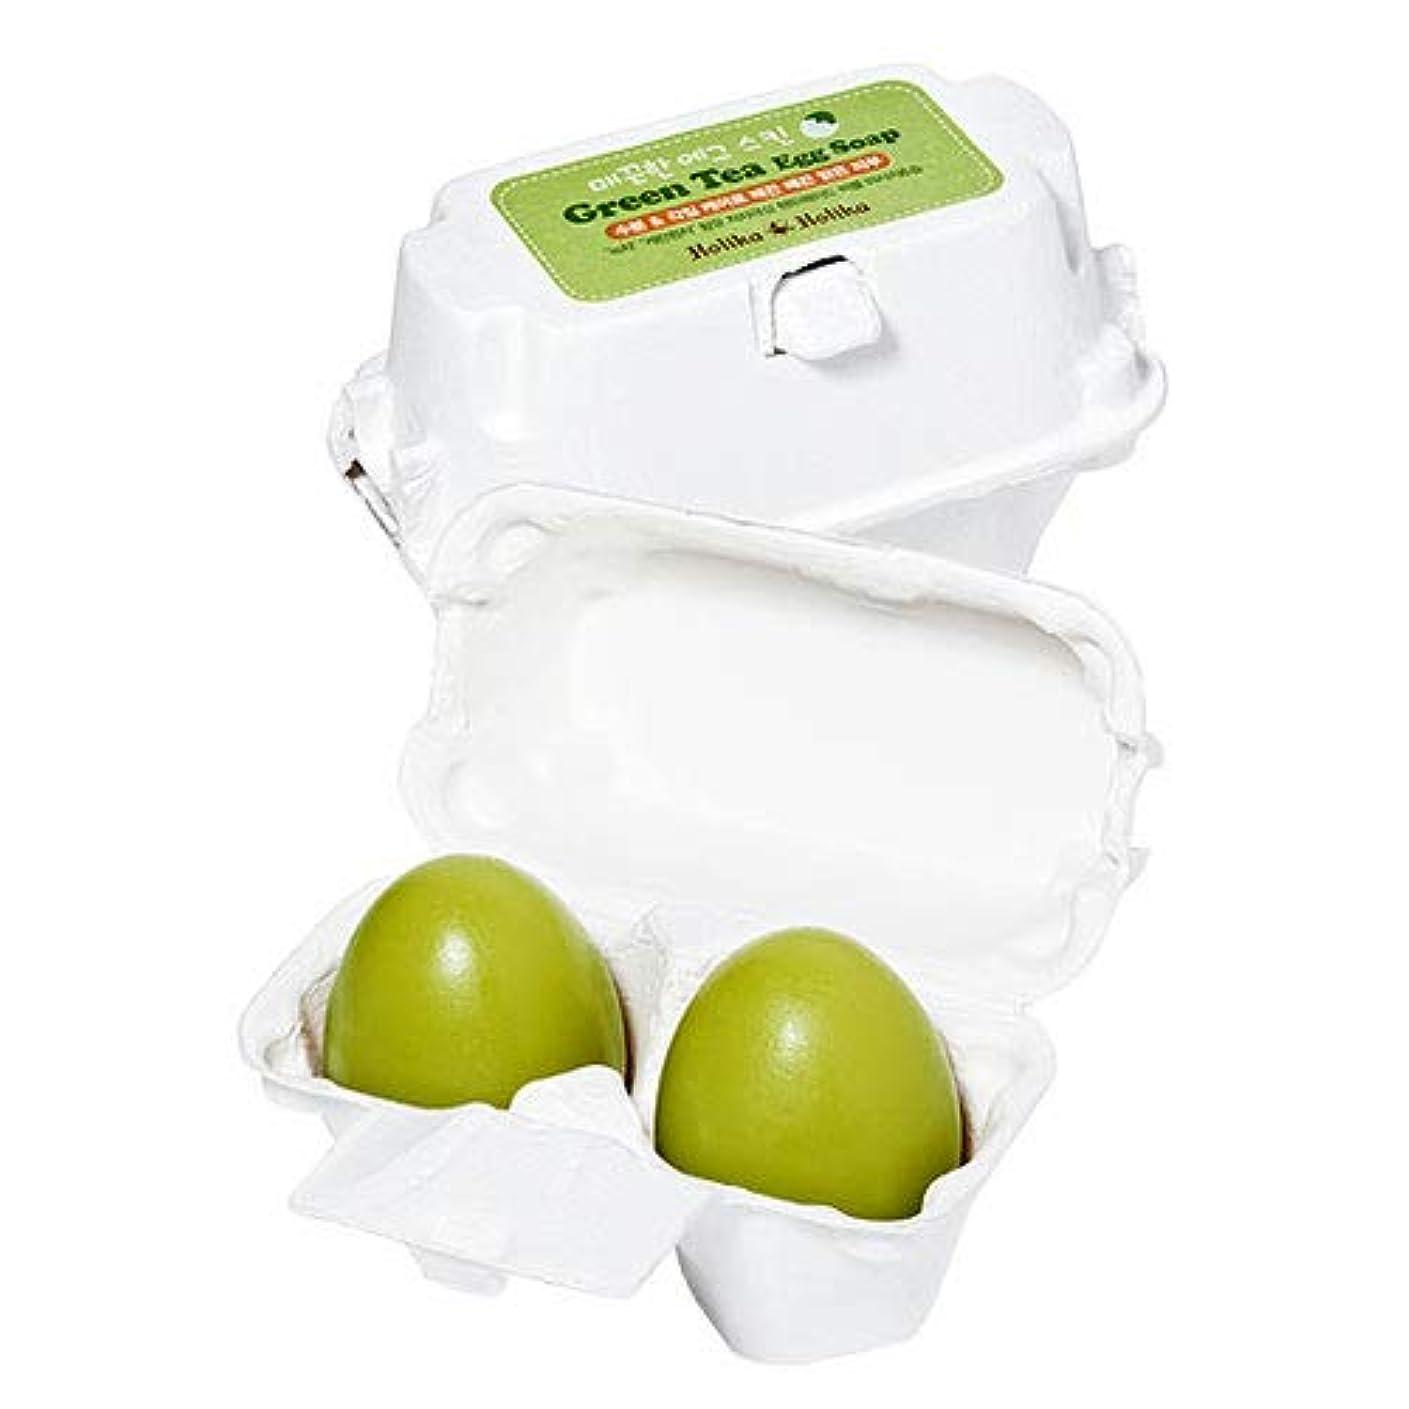 海峡ひもそれからトラフィック[緑茶/Green Tea] Holika Holika Egg Skin Egg Soap ホリカホリカ エッグスキン エッグソープ (50g*2個) [並行輸入品]